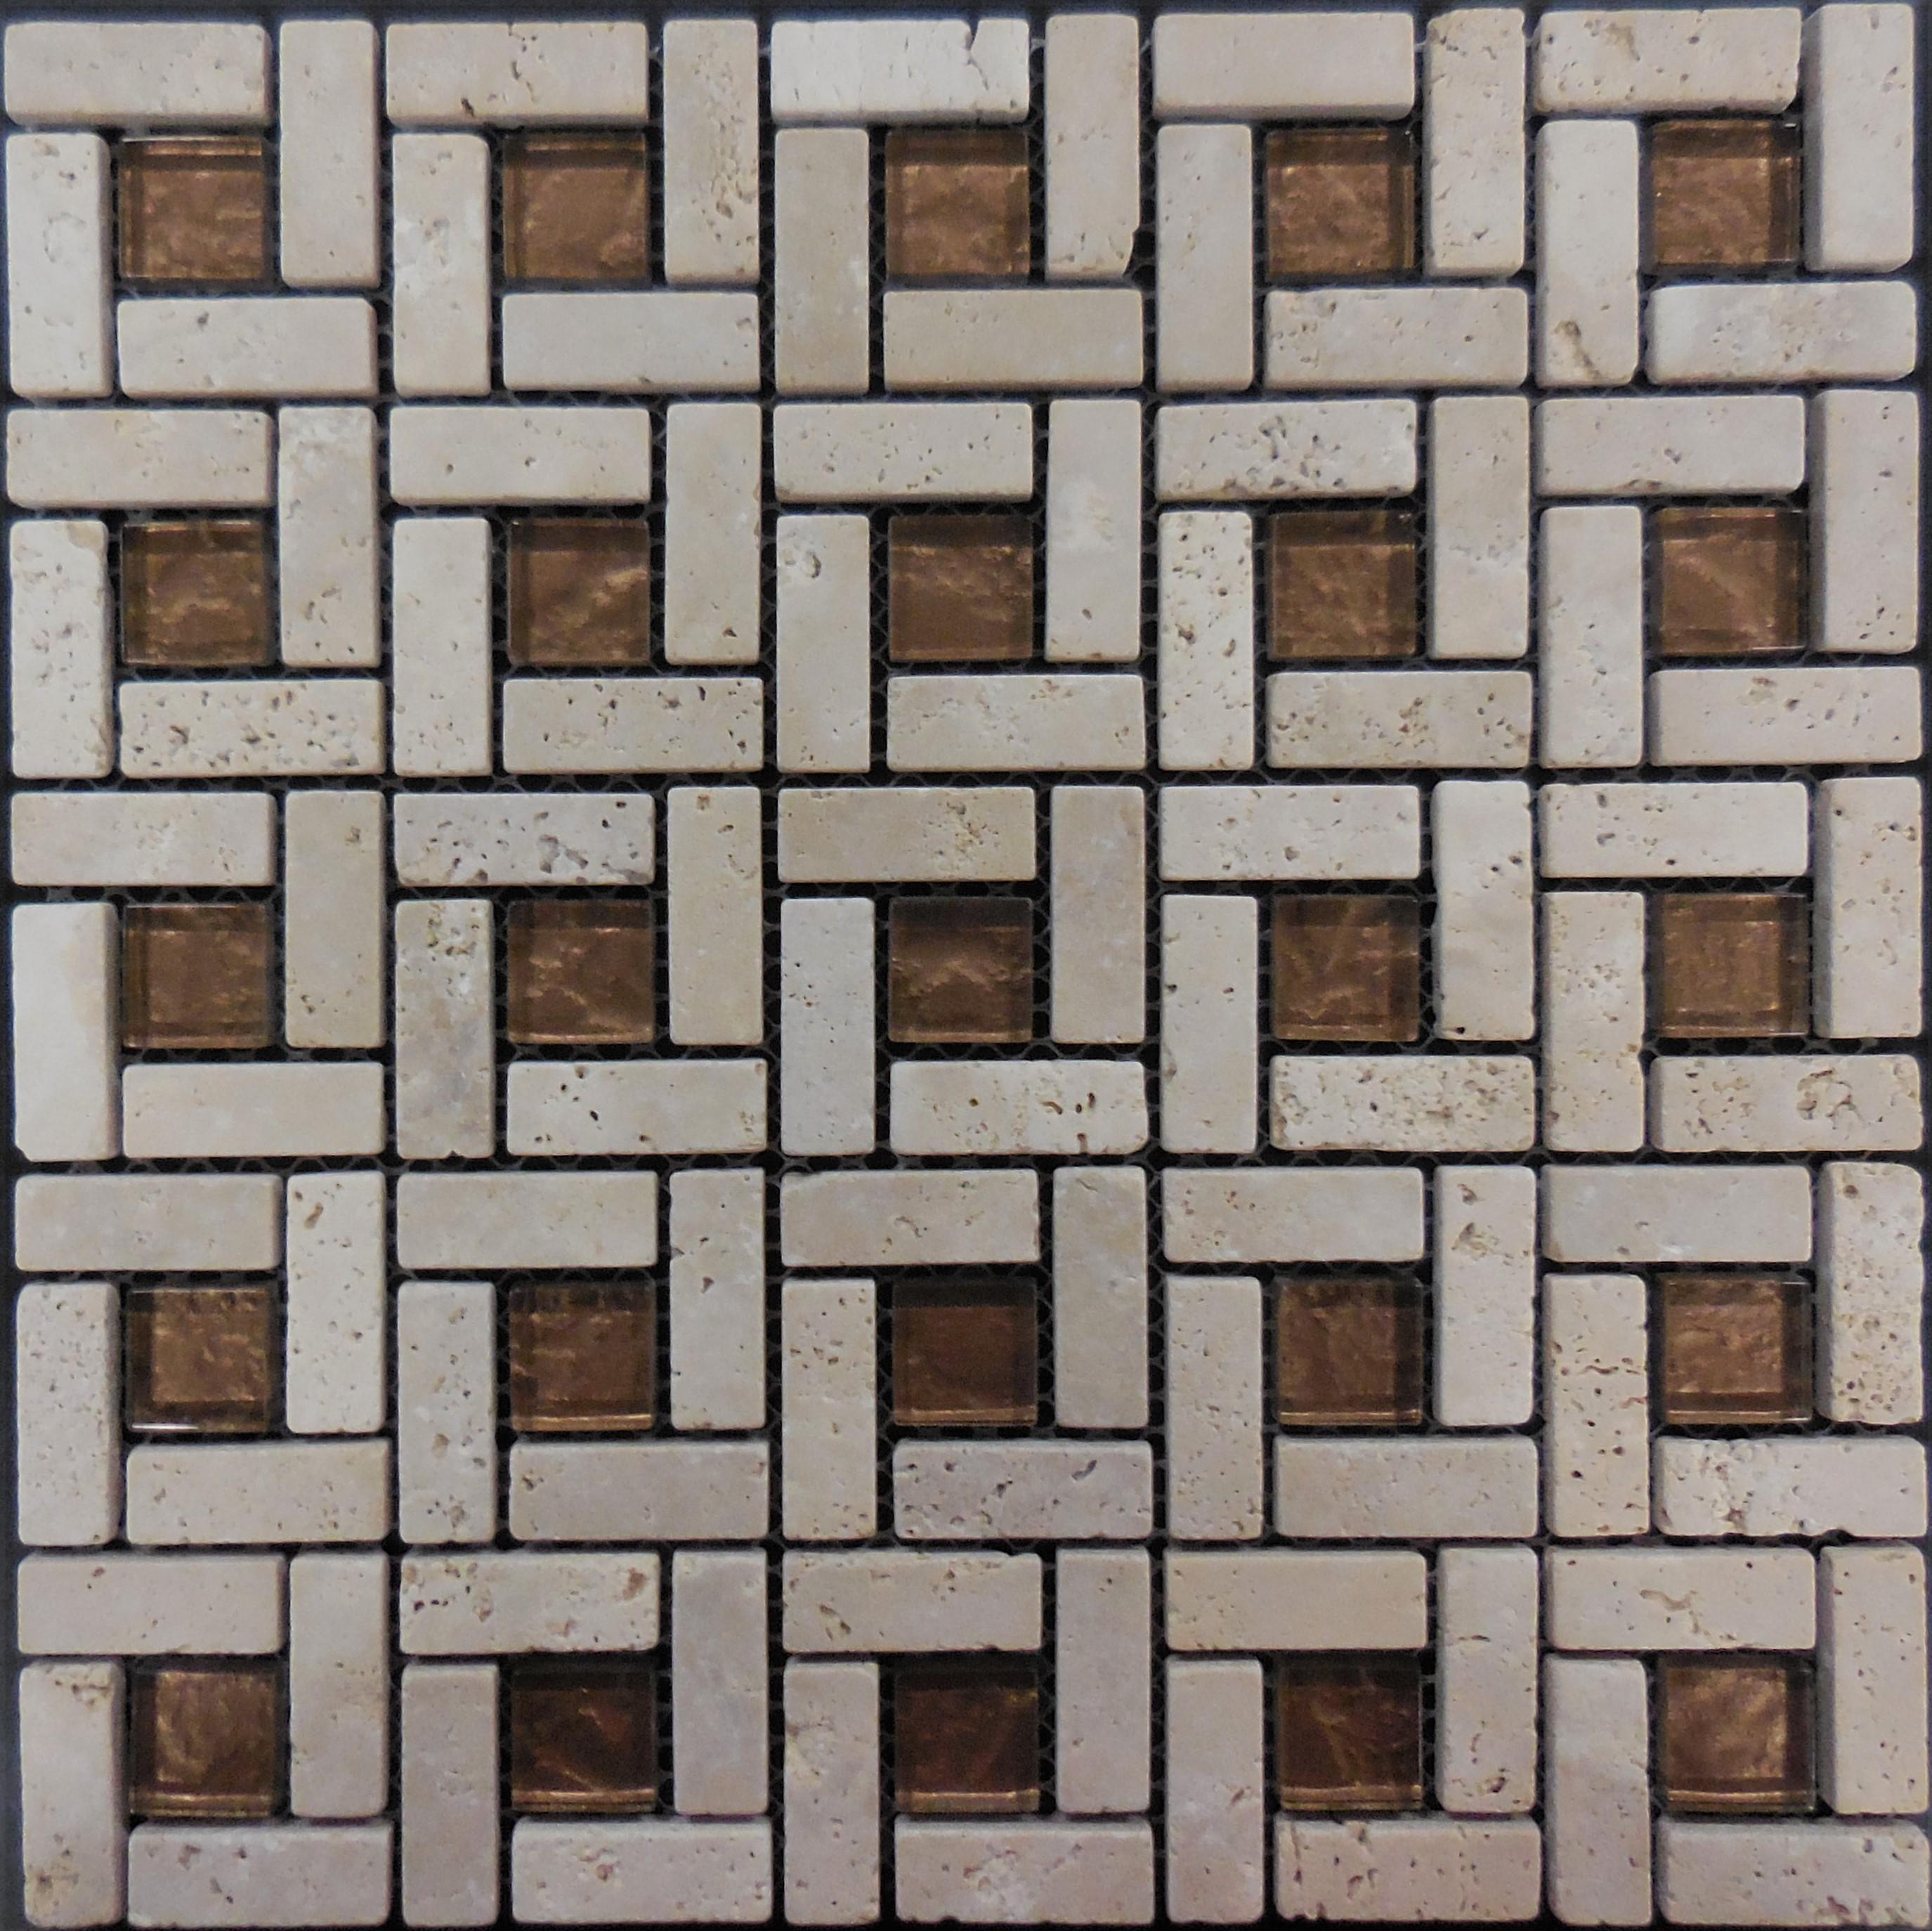 Al840 stone modular series pinwheel pattern glass and stone al840 stone modular series pinwheel pattern glass and stone dailygadgetfo Choice Image